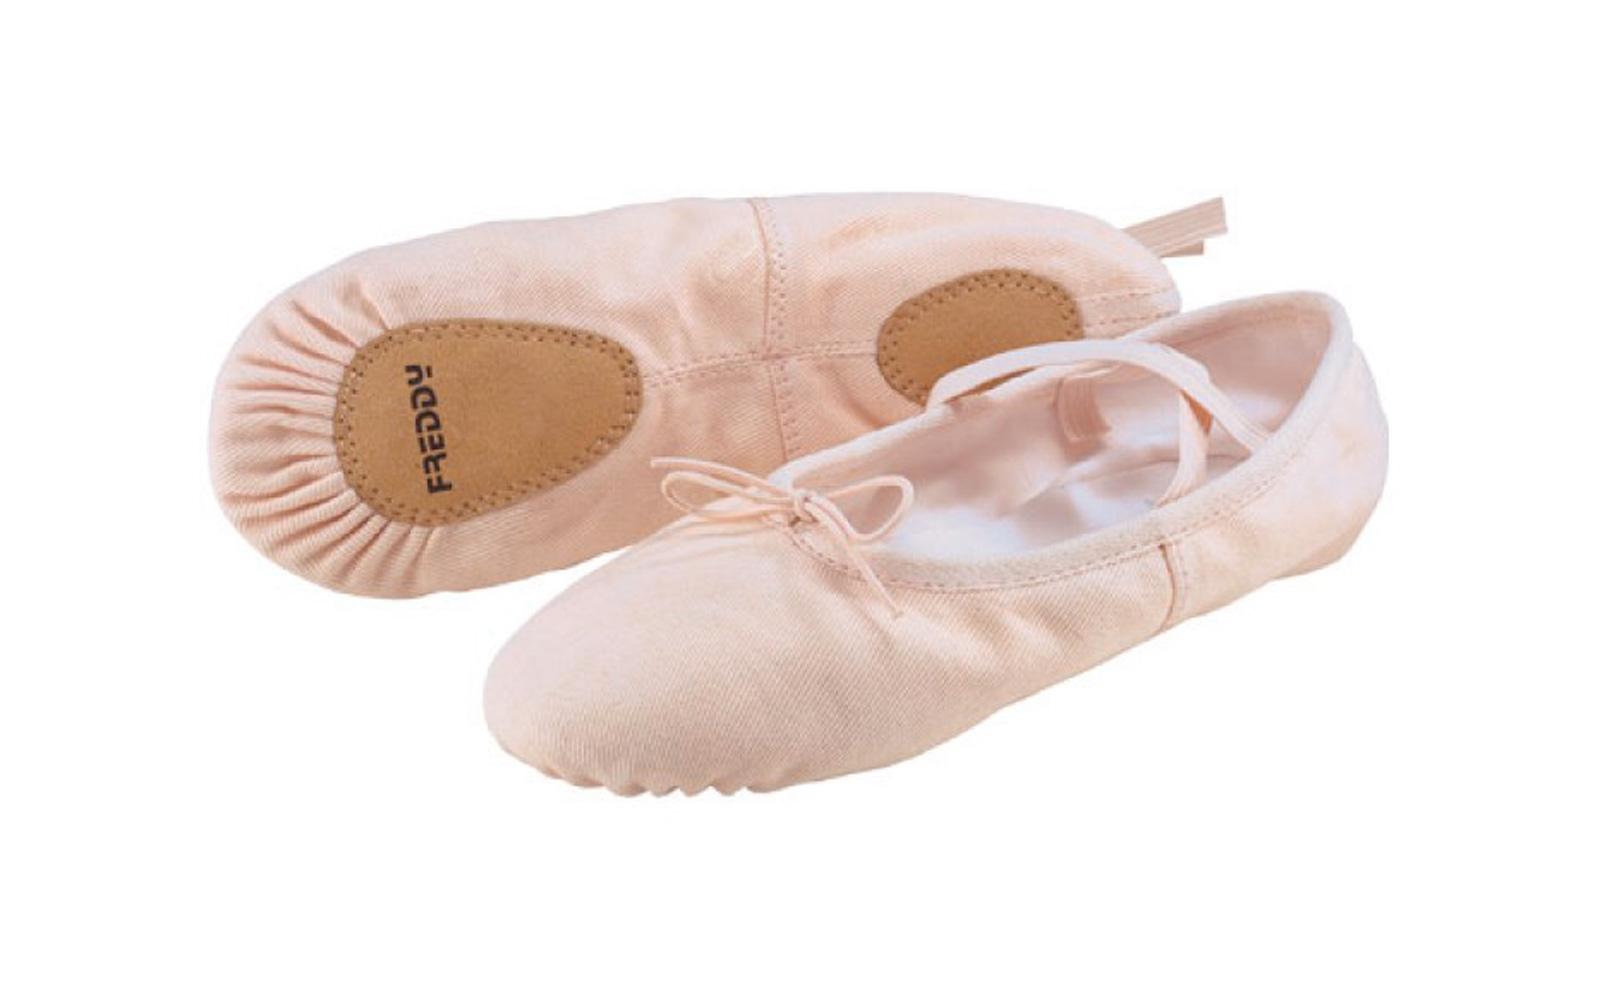 Disegno Di Una Ballerina : Disegno di una ballerina da colorare come disegnare le scarpette